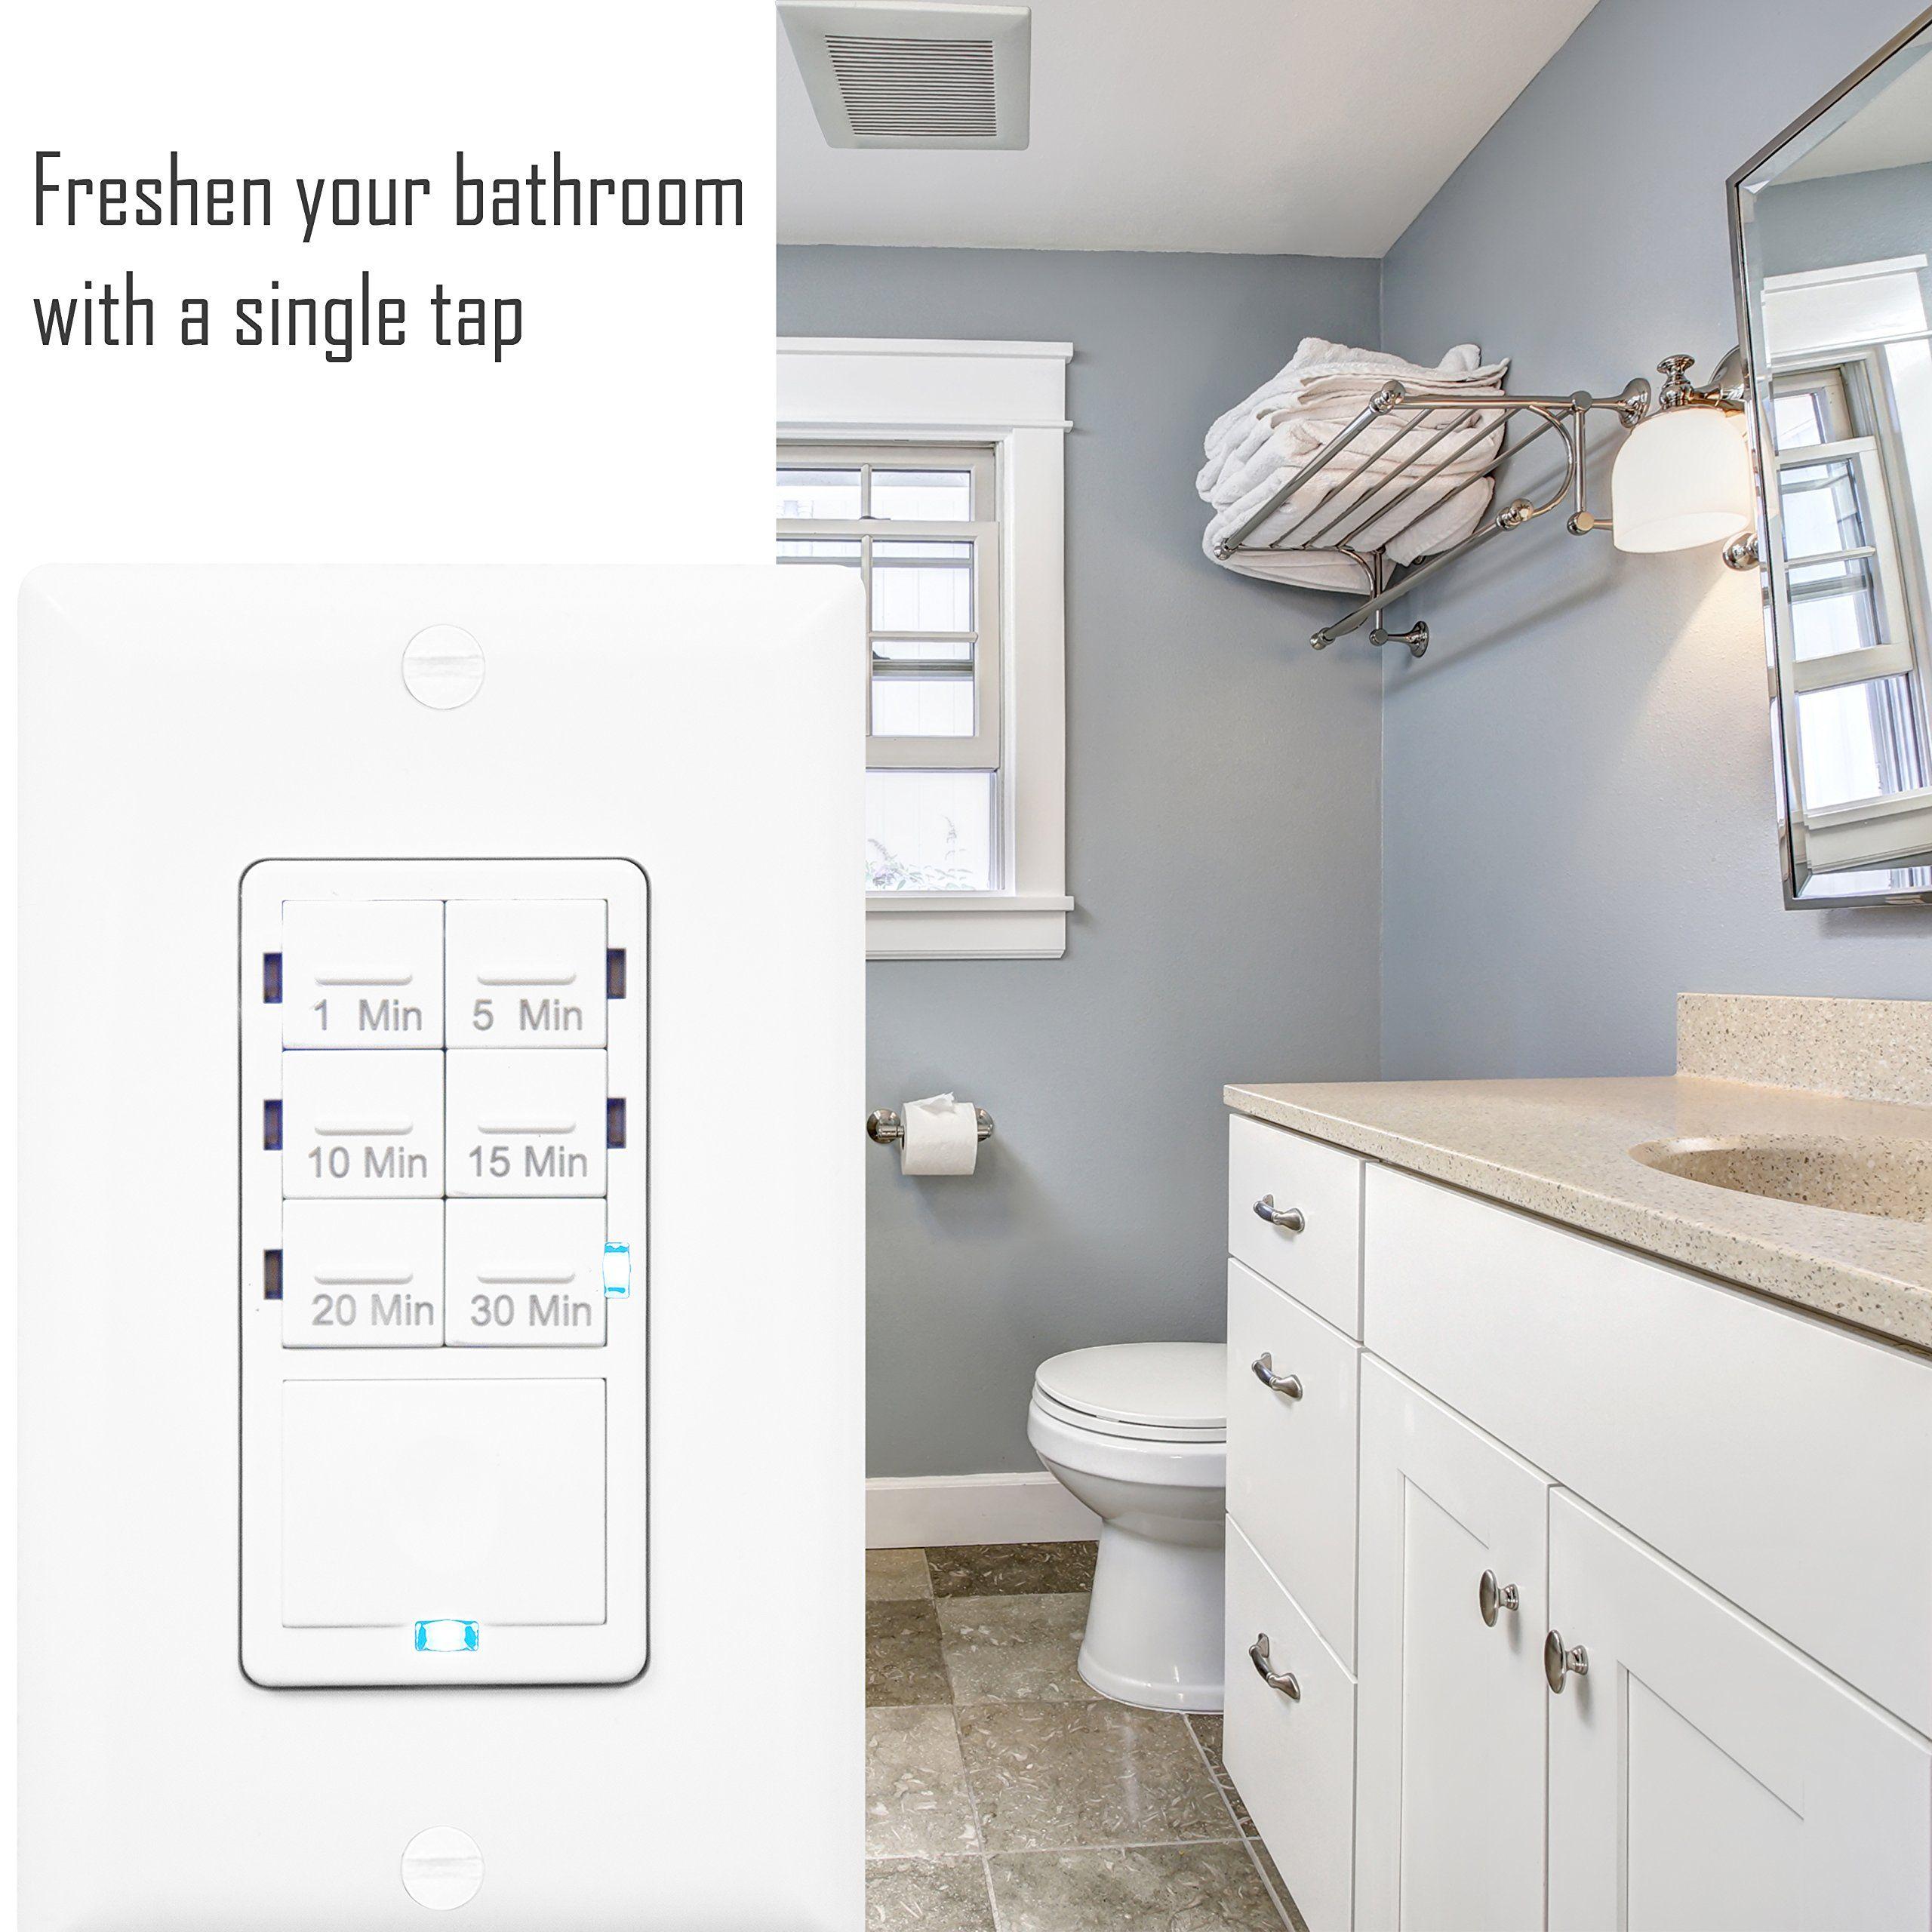 Enerlites Het06aw5pcs Bathroom Timer Switch By Inwall Countdown Timer Switch Fan Switch Timer1510152030 Bathroom Fan Bathroom Exhaust Fan Cover Whole House Fan